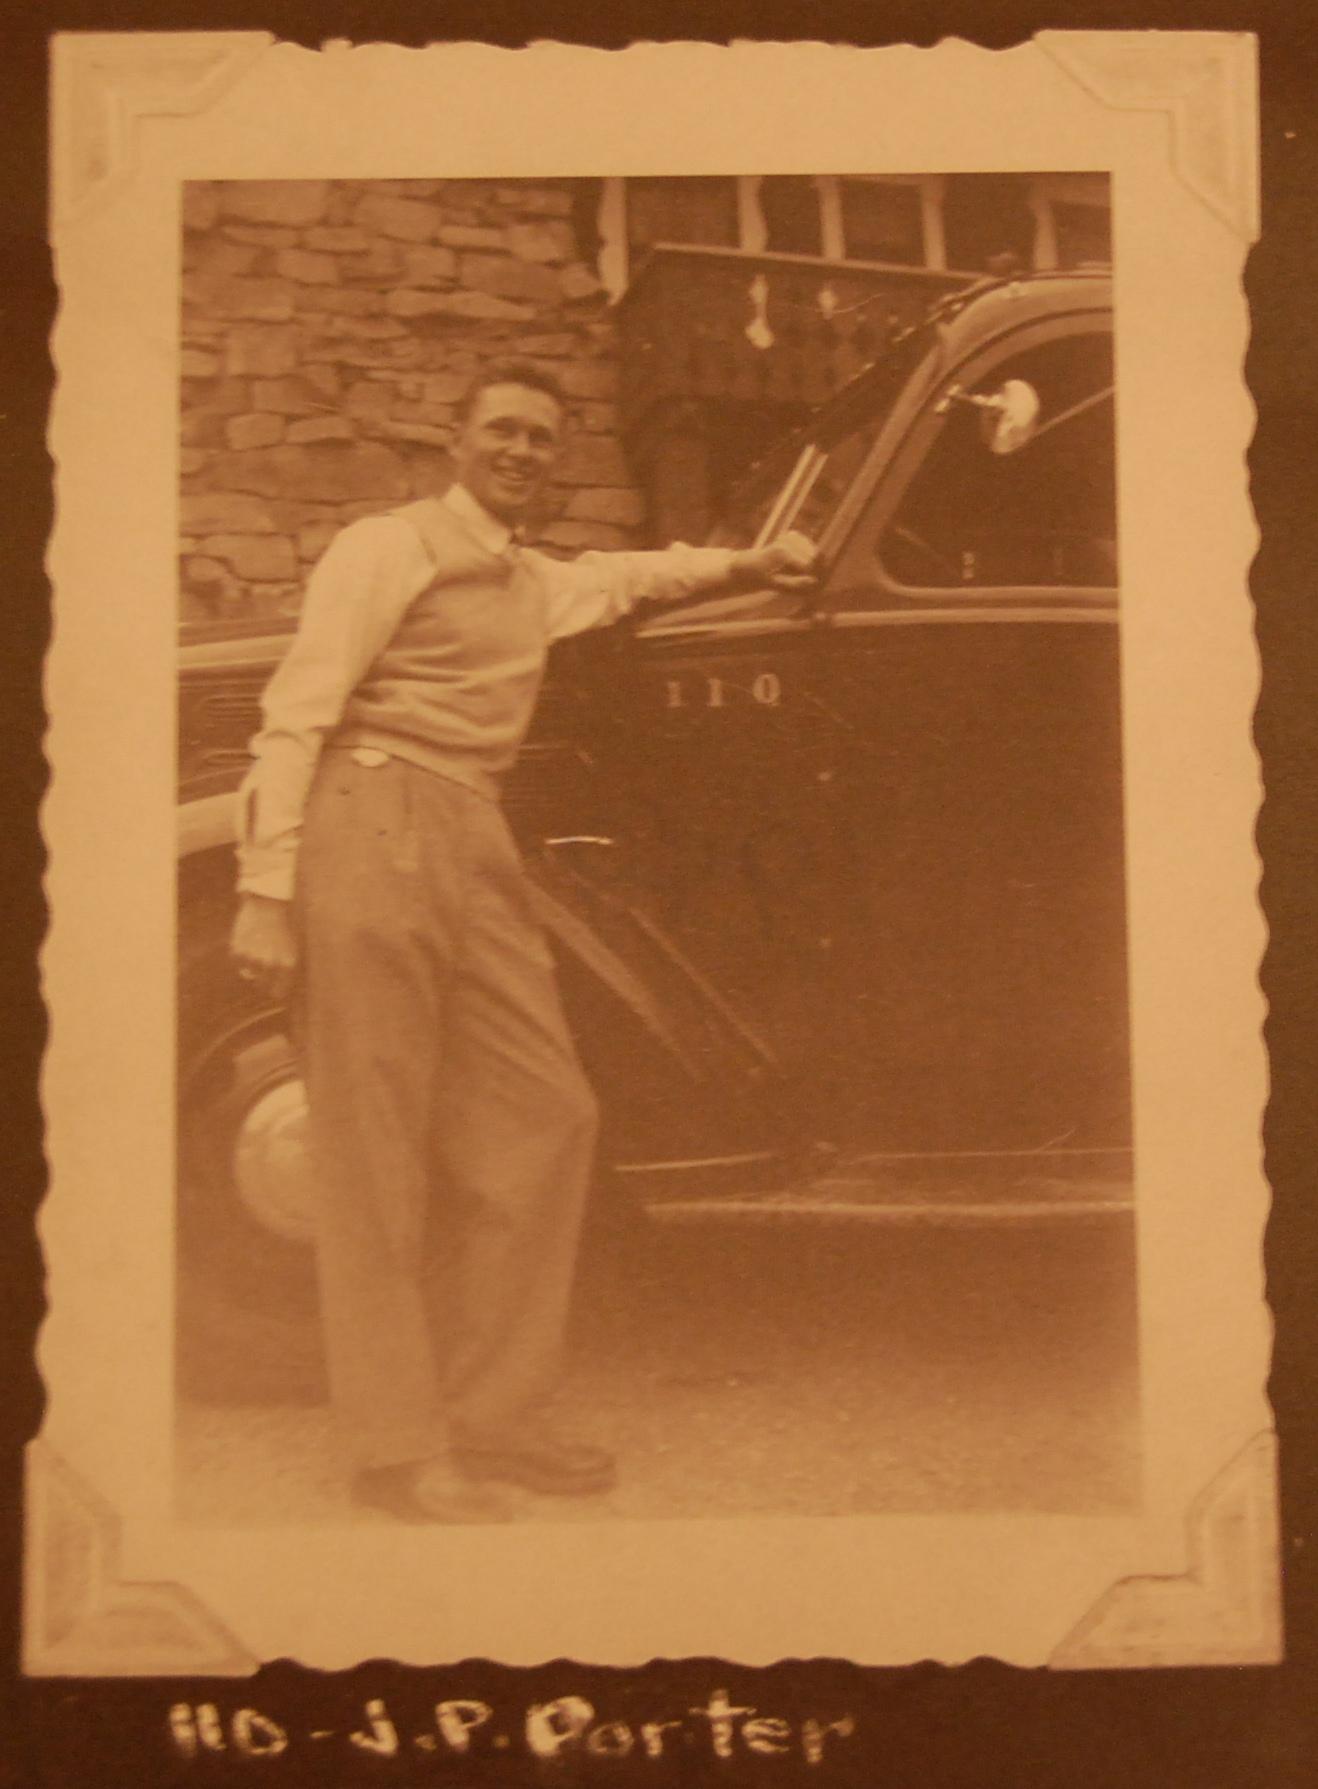 J.P. Porter